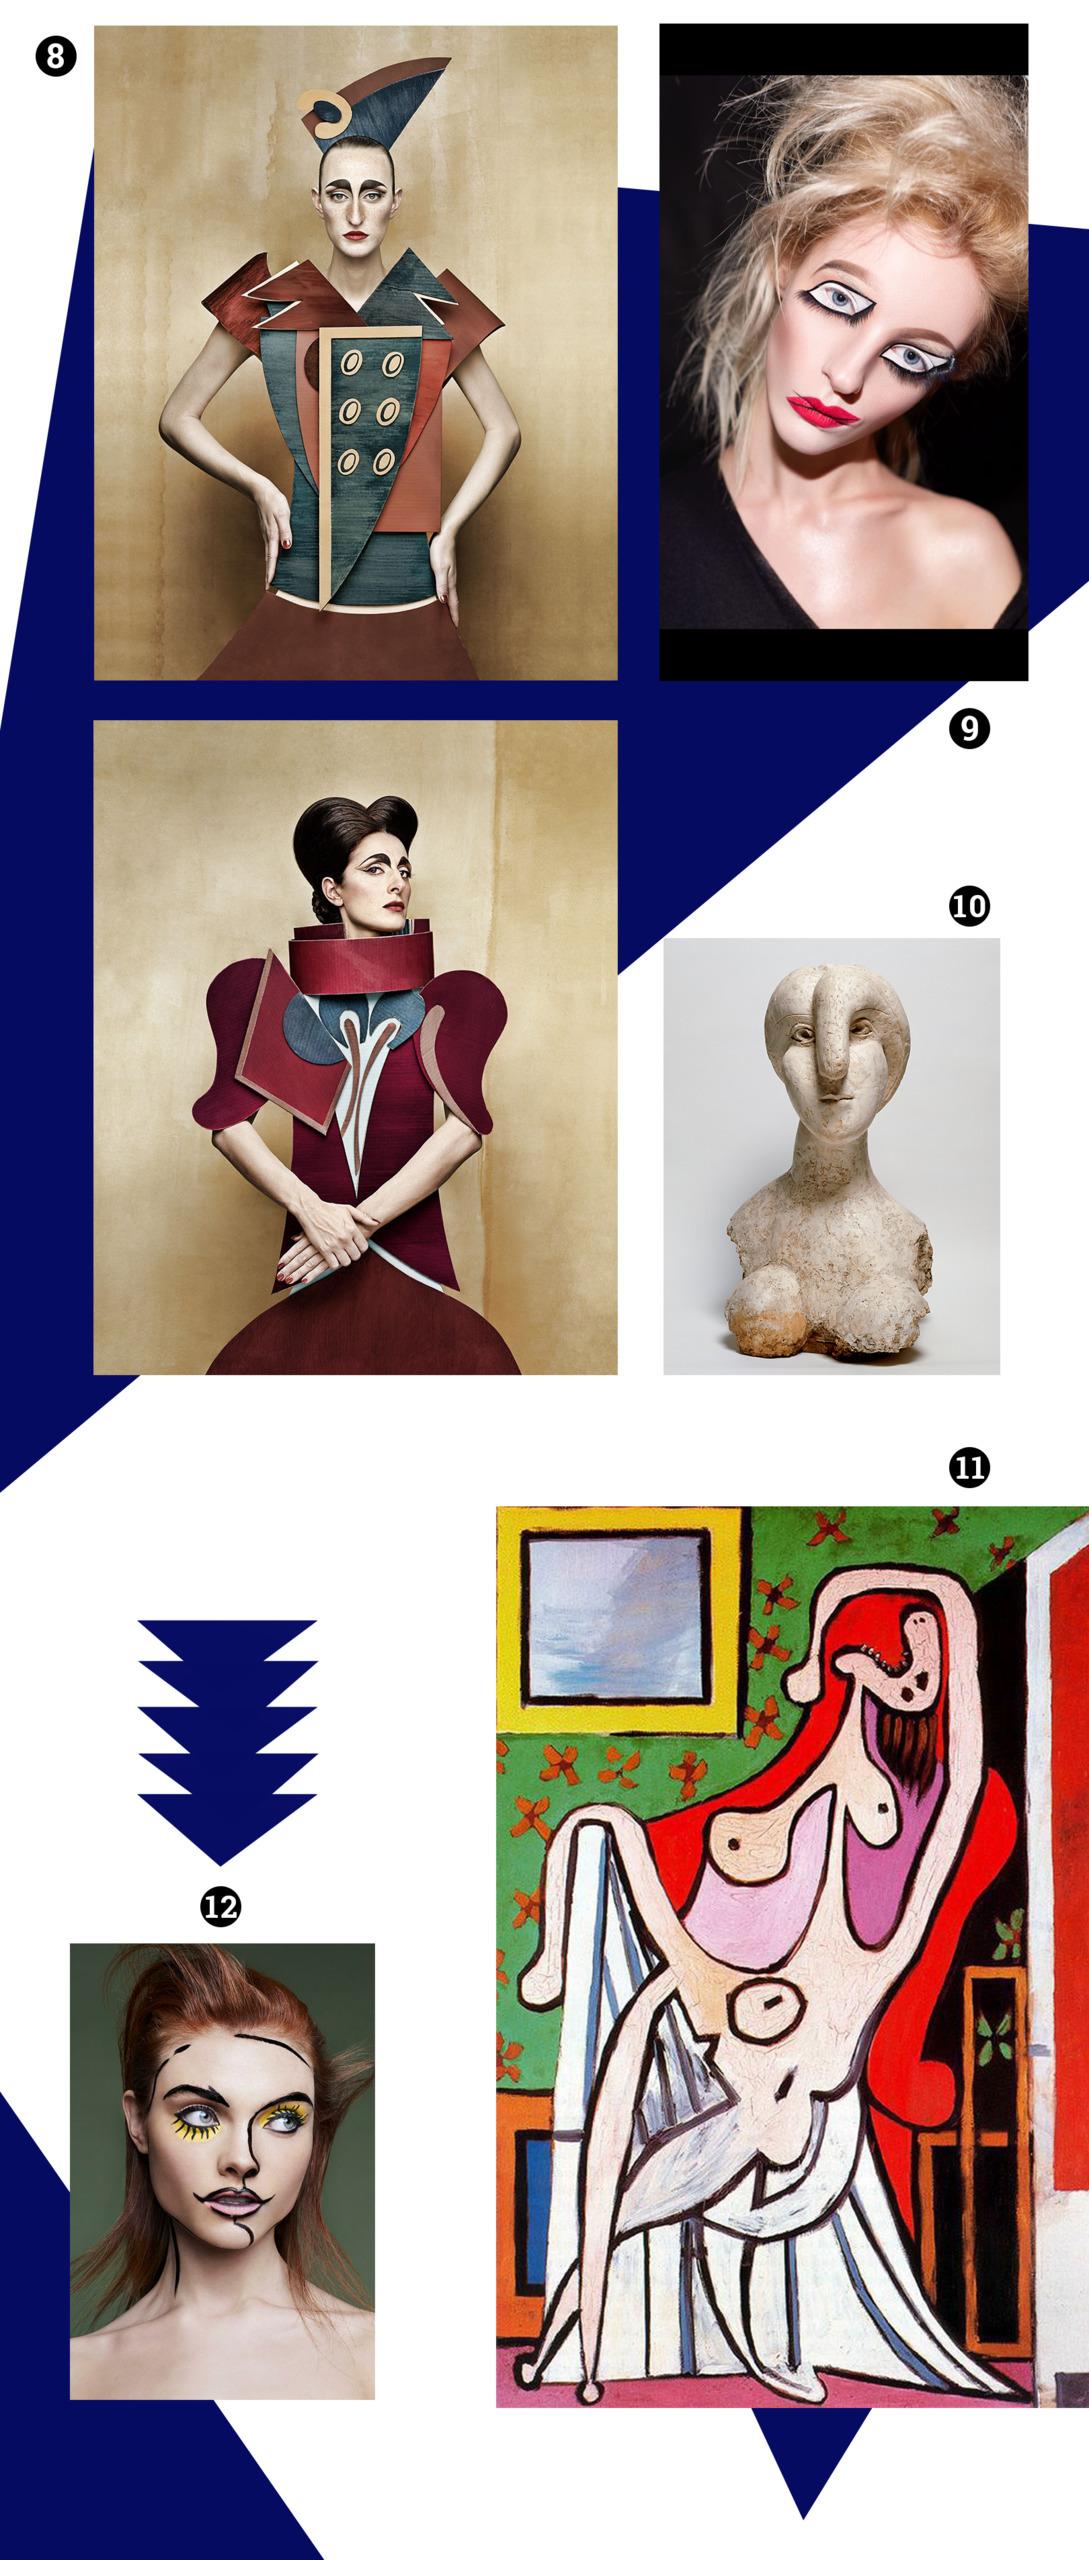 Obraz przedstawia różne zdjęcia na białym tle w otoczeniu geometrycznych granatowych elementów. Widzimy fotografie modelek ubranych w geometryczne stroje, twarze w artystycznym makijażu i rzeźbę.